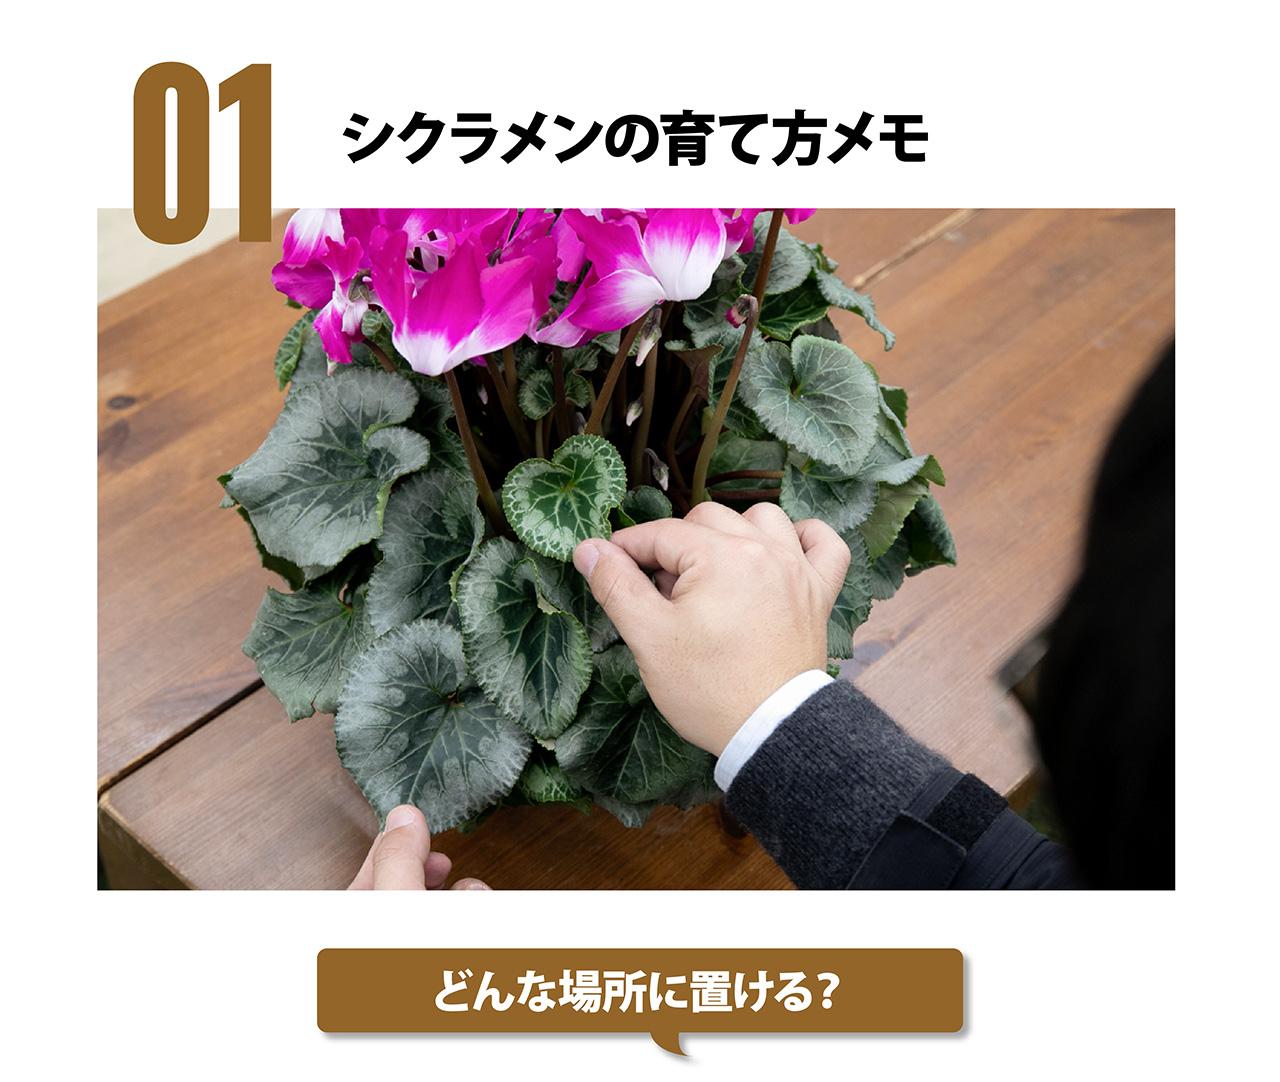 花 たら シクラメン が 終わっ